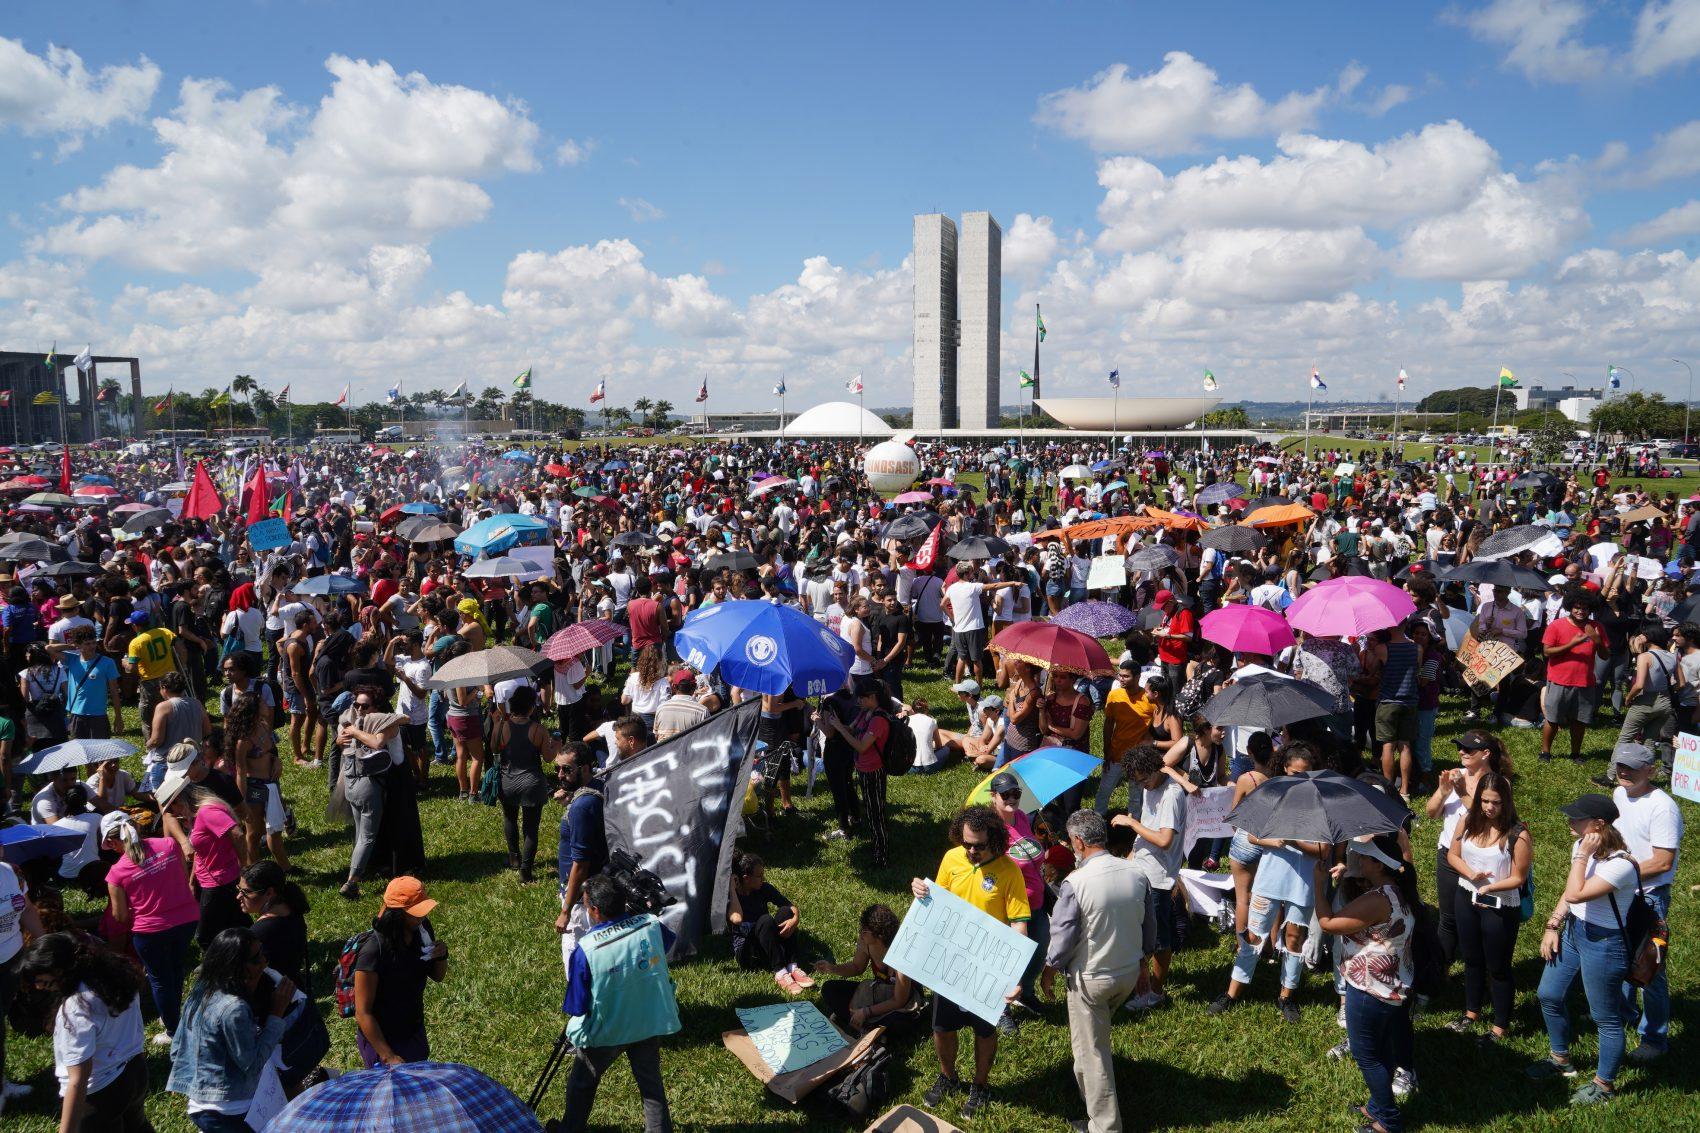 Manifestantes tomam gramado em frente ao Congresso Nacional em protesto contra os cortes nas verbas para educação pública (Pablo Valadares/Câmara dos Deputados)